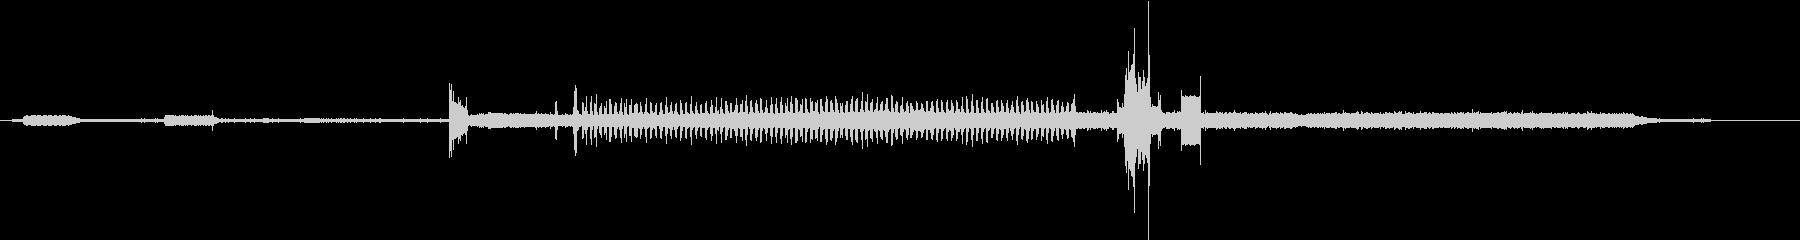 ファックス受信ドキュメント、リング...の未再生の波形